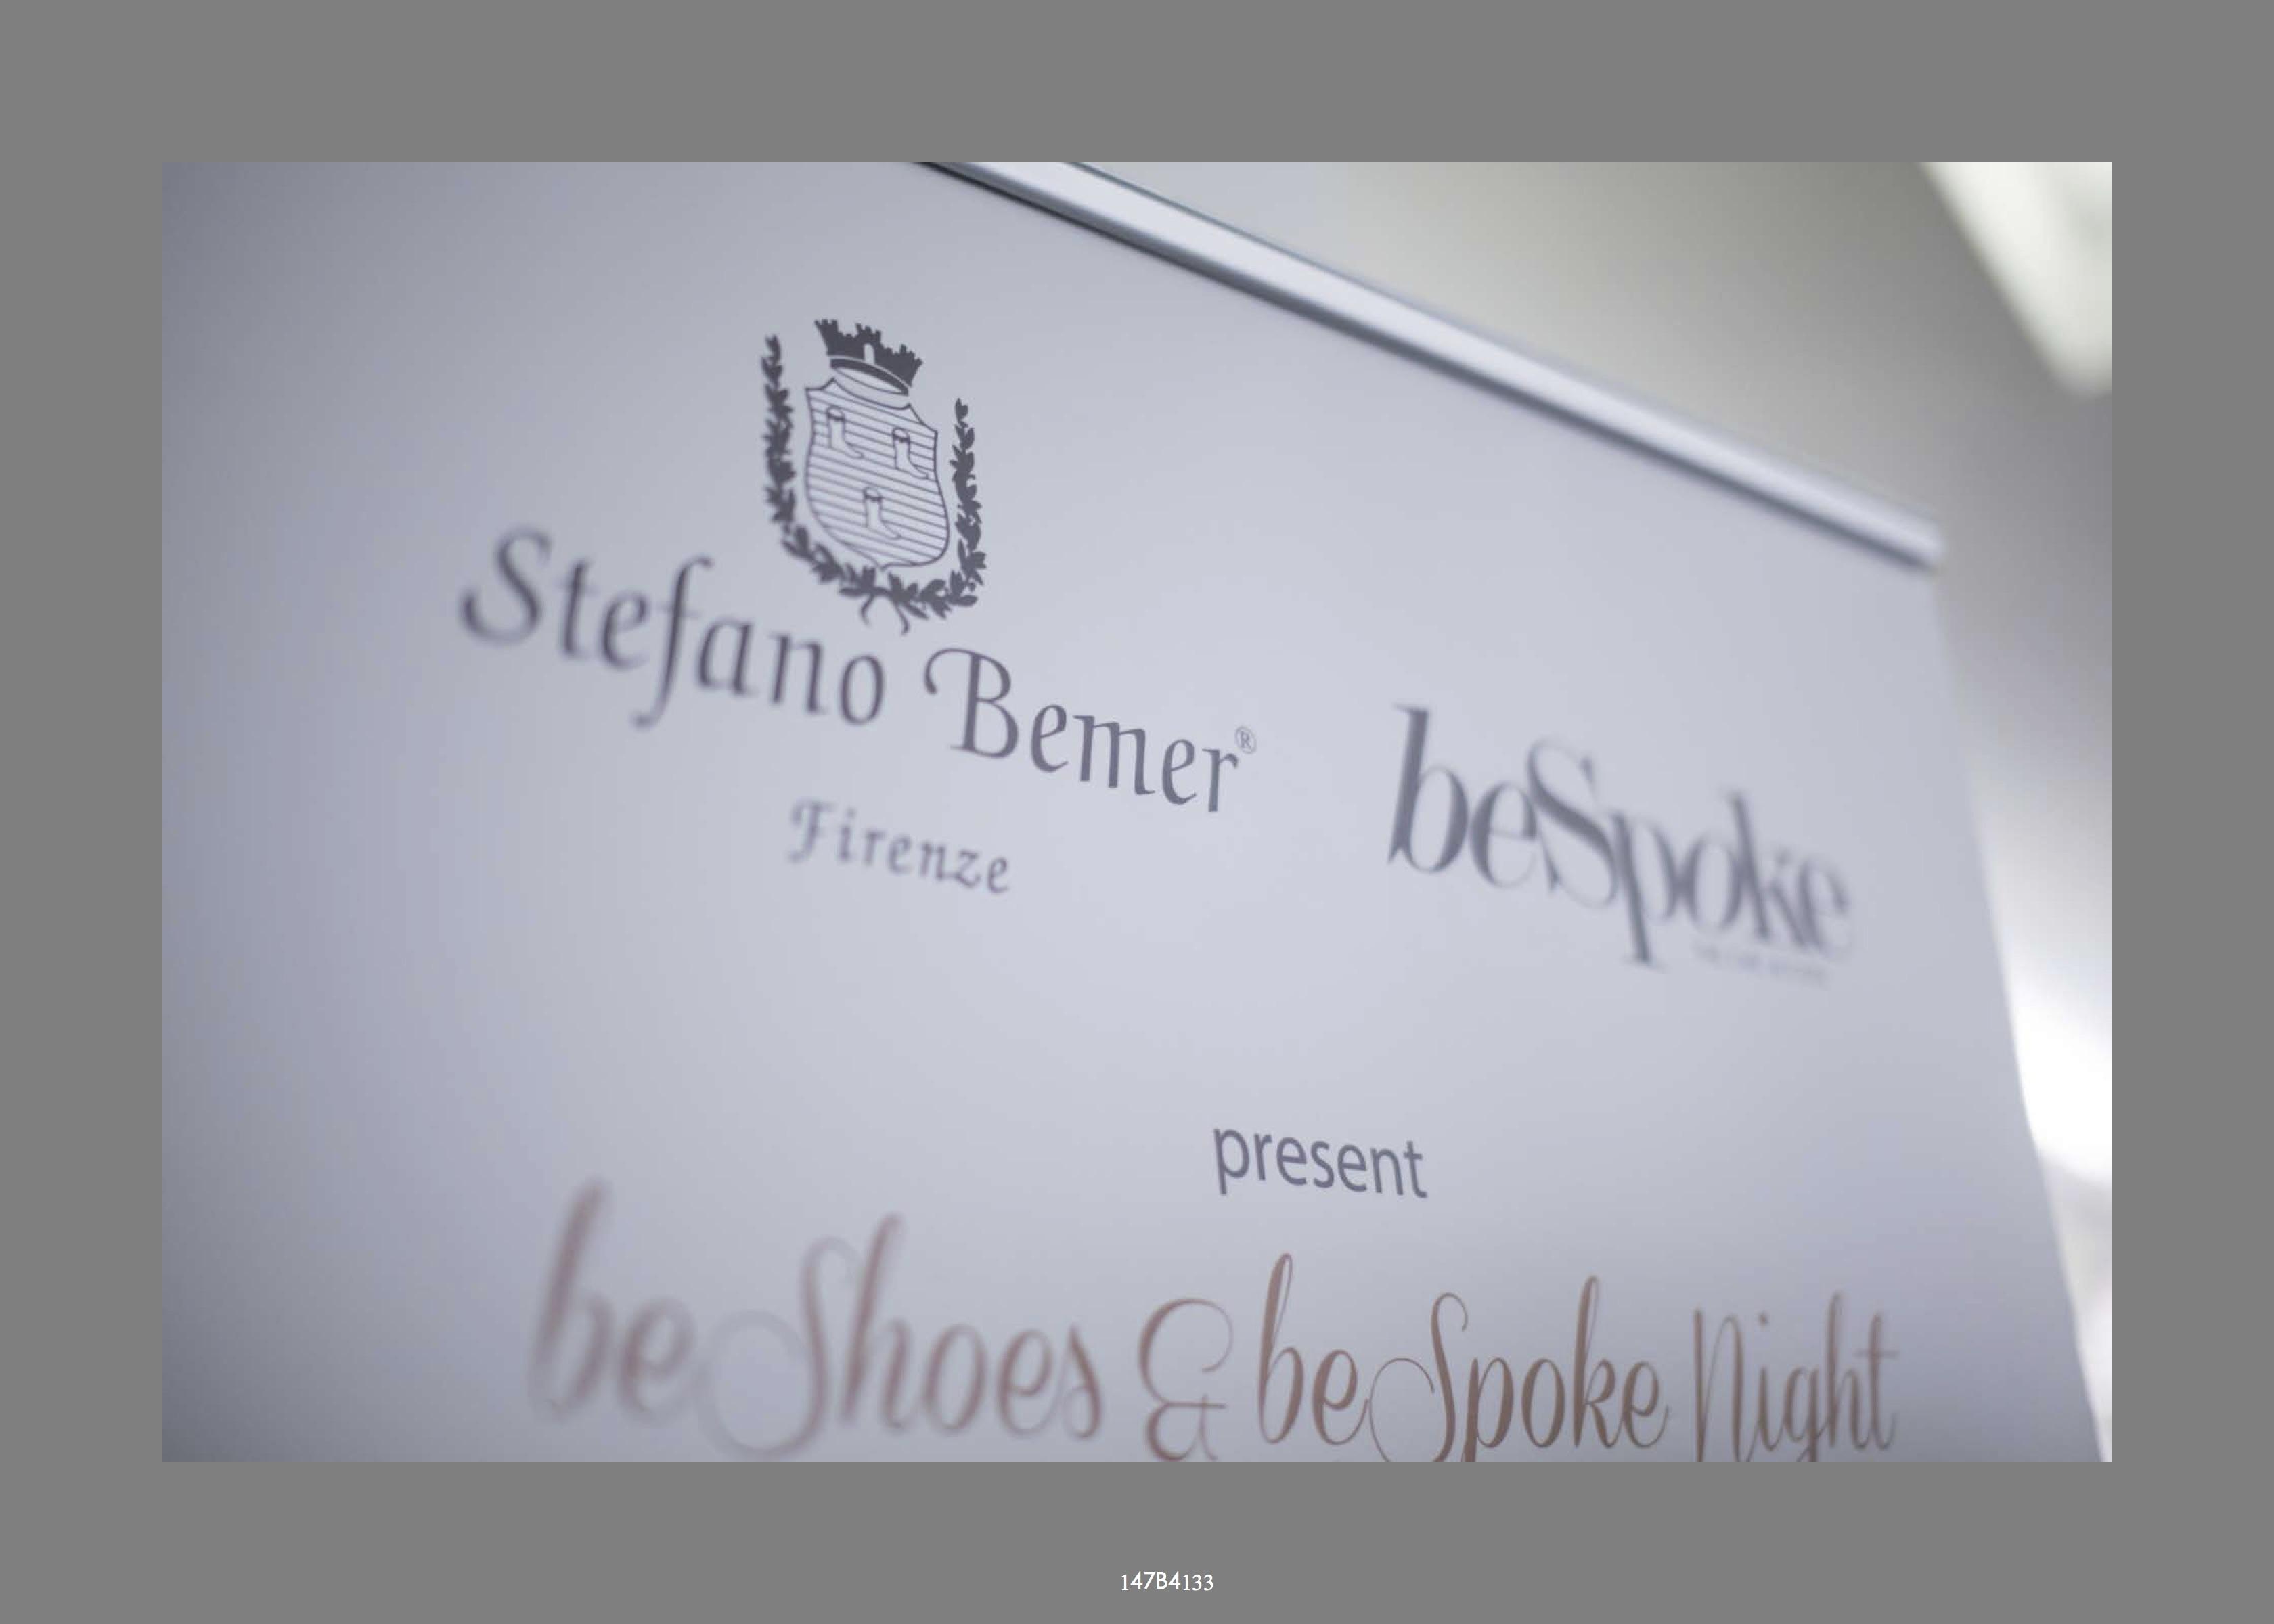 Stefano Bemer event